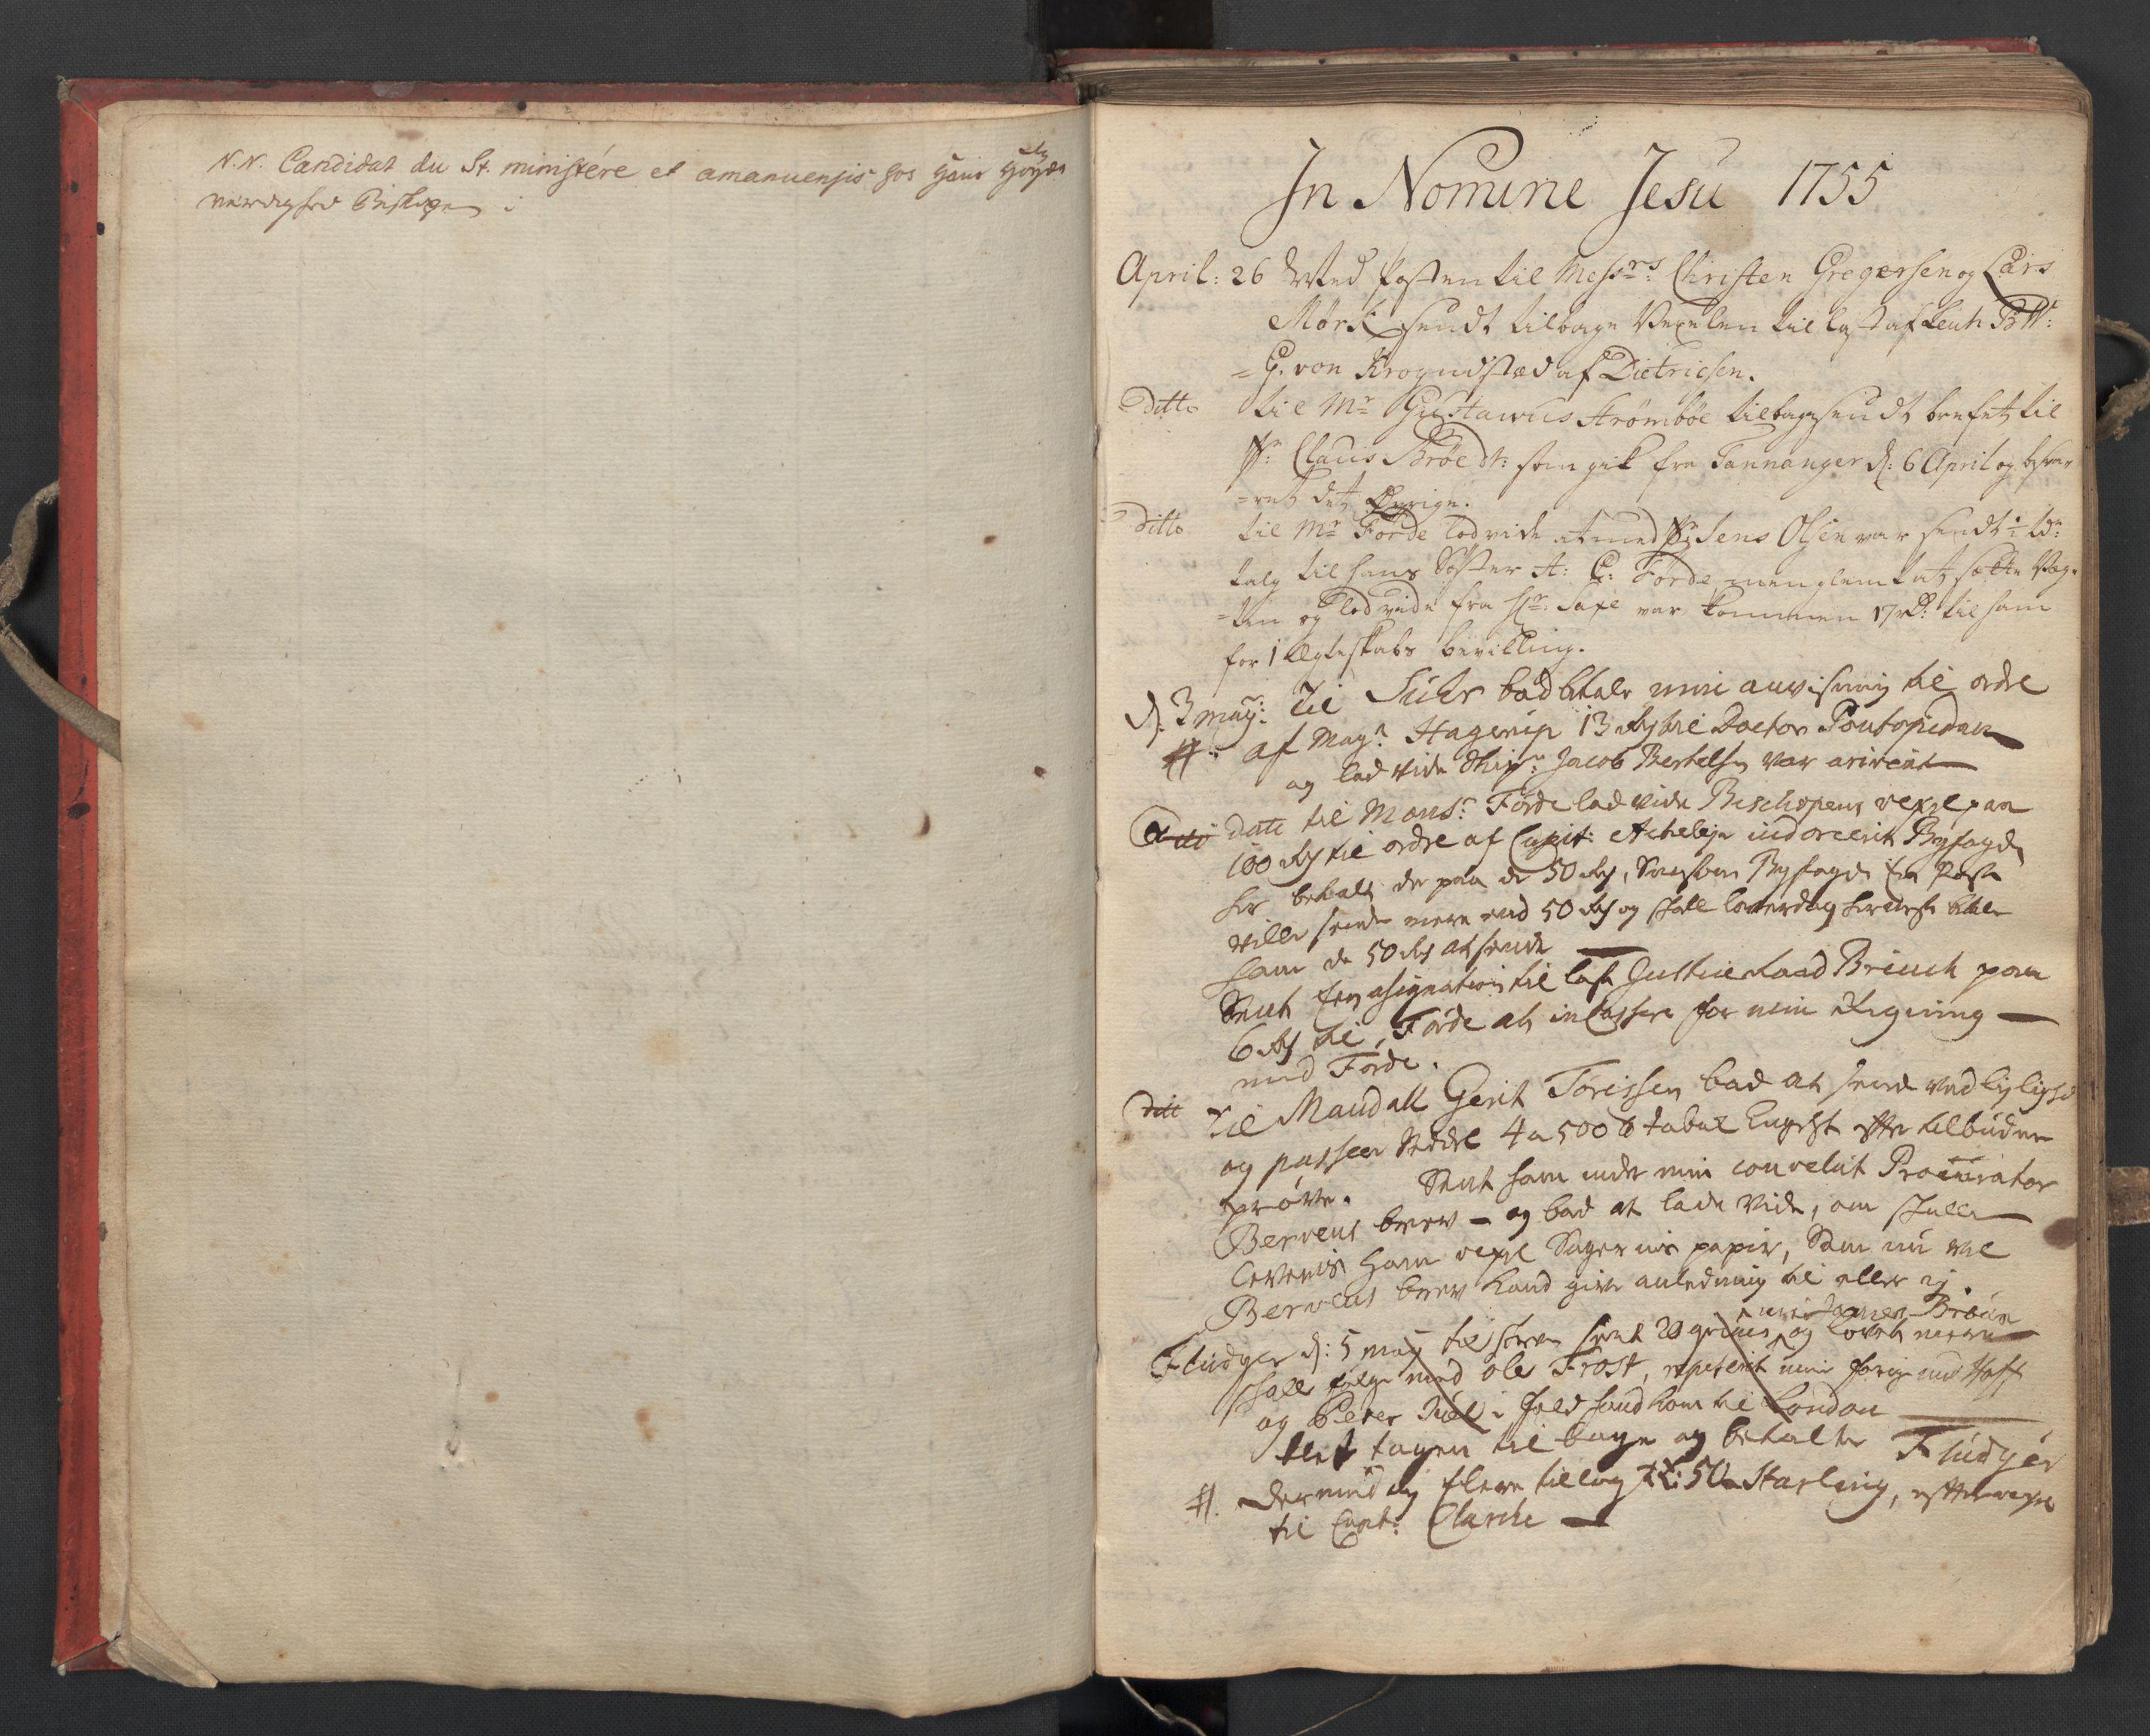 SAST, Pa 0119 - Smith, Lauritz Andersen og Lauritz Lauritzen, O/L0002: Kopibok, 1755-1766, s. 3